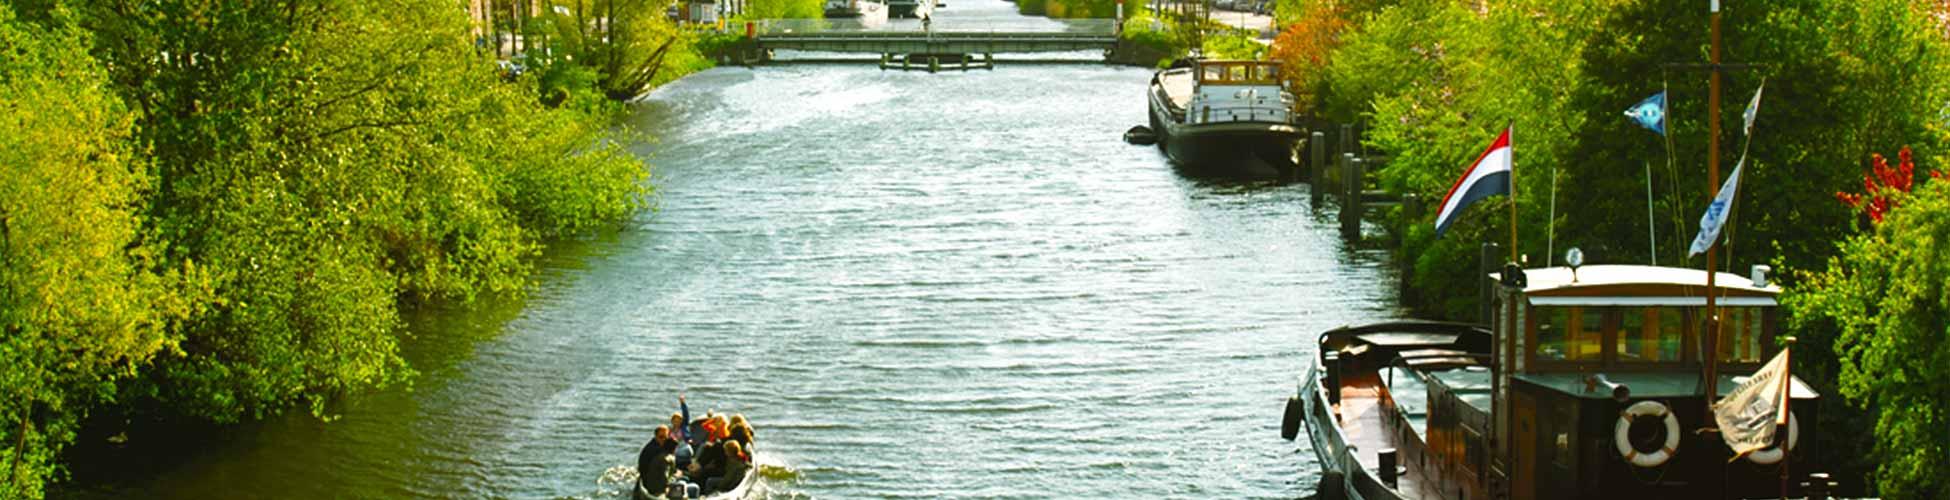 slider_4-aquafun4you_waterfiets_prijs_goedkoop_piushaven_tilburg_om_iets_te_vieren